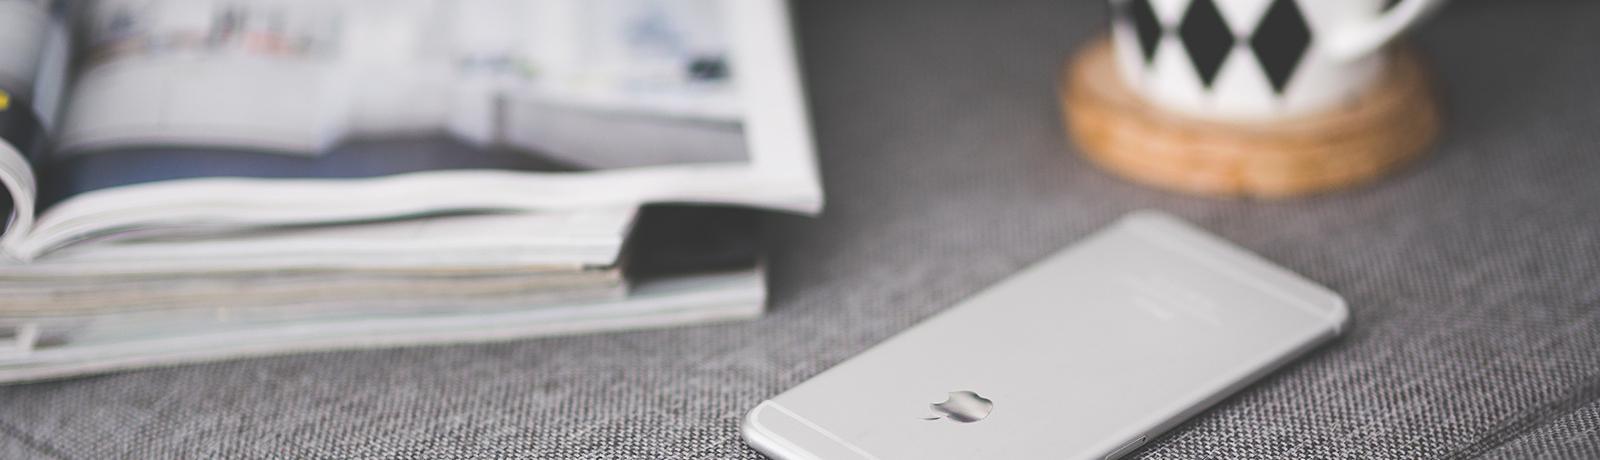 Magazine café smartphone